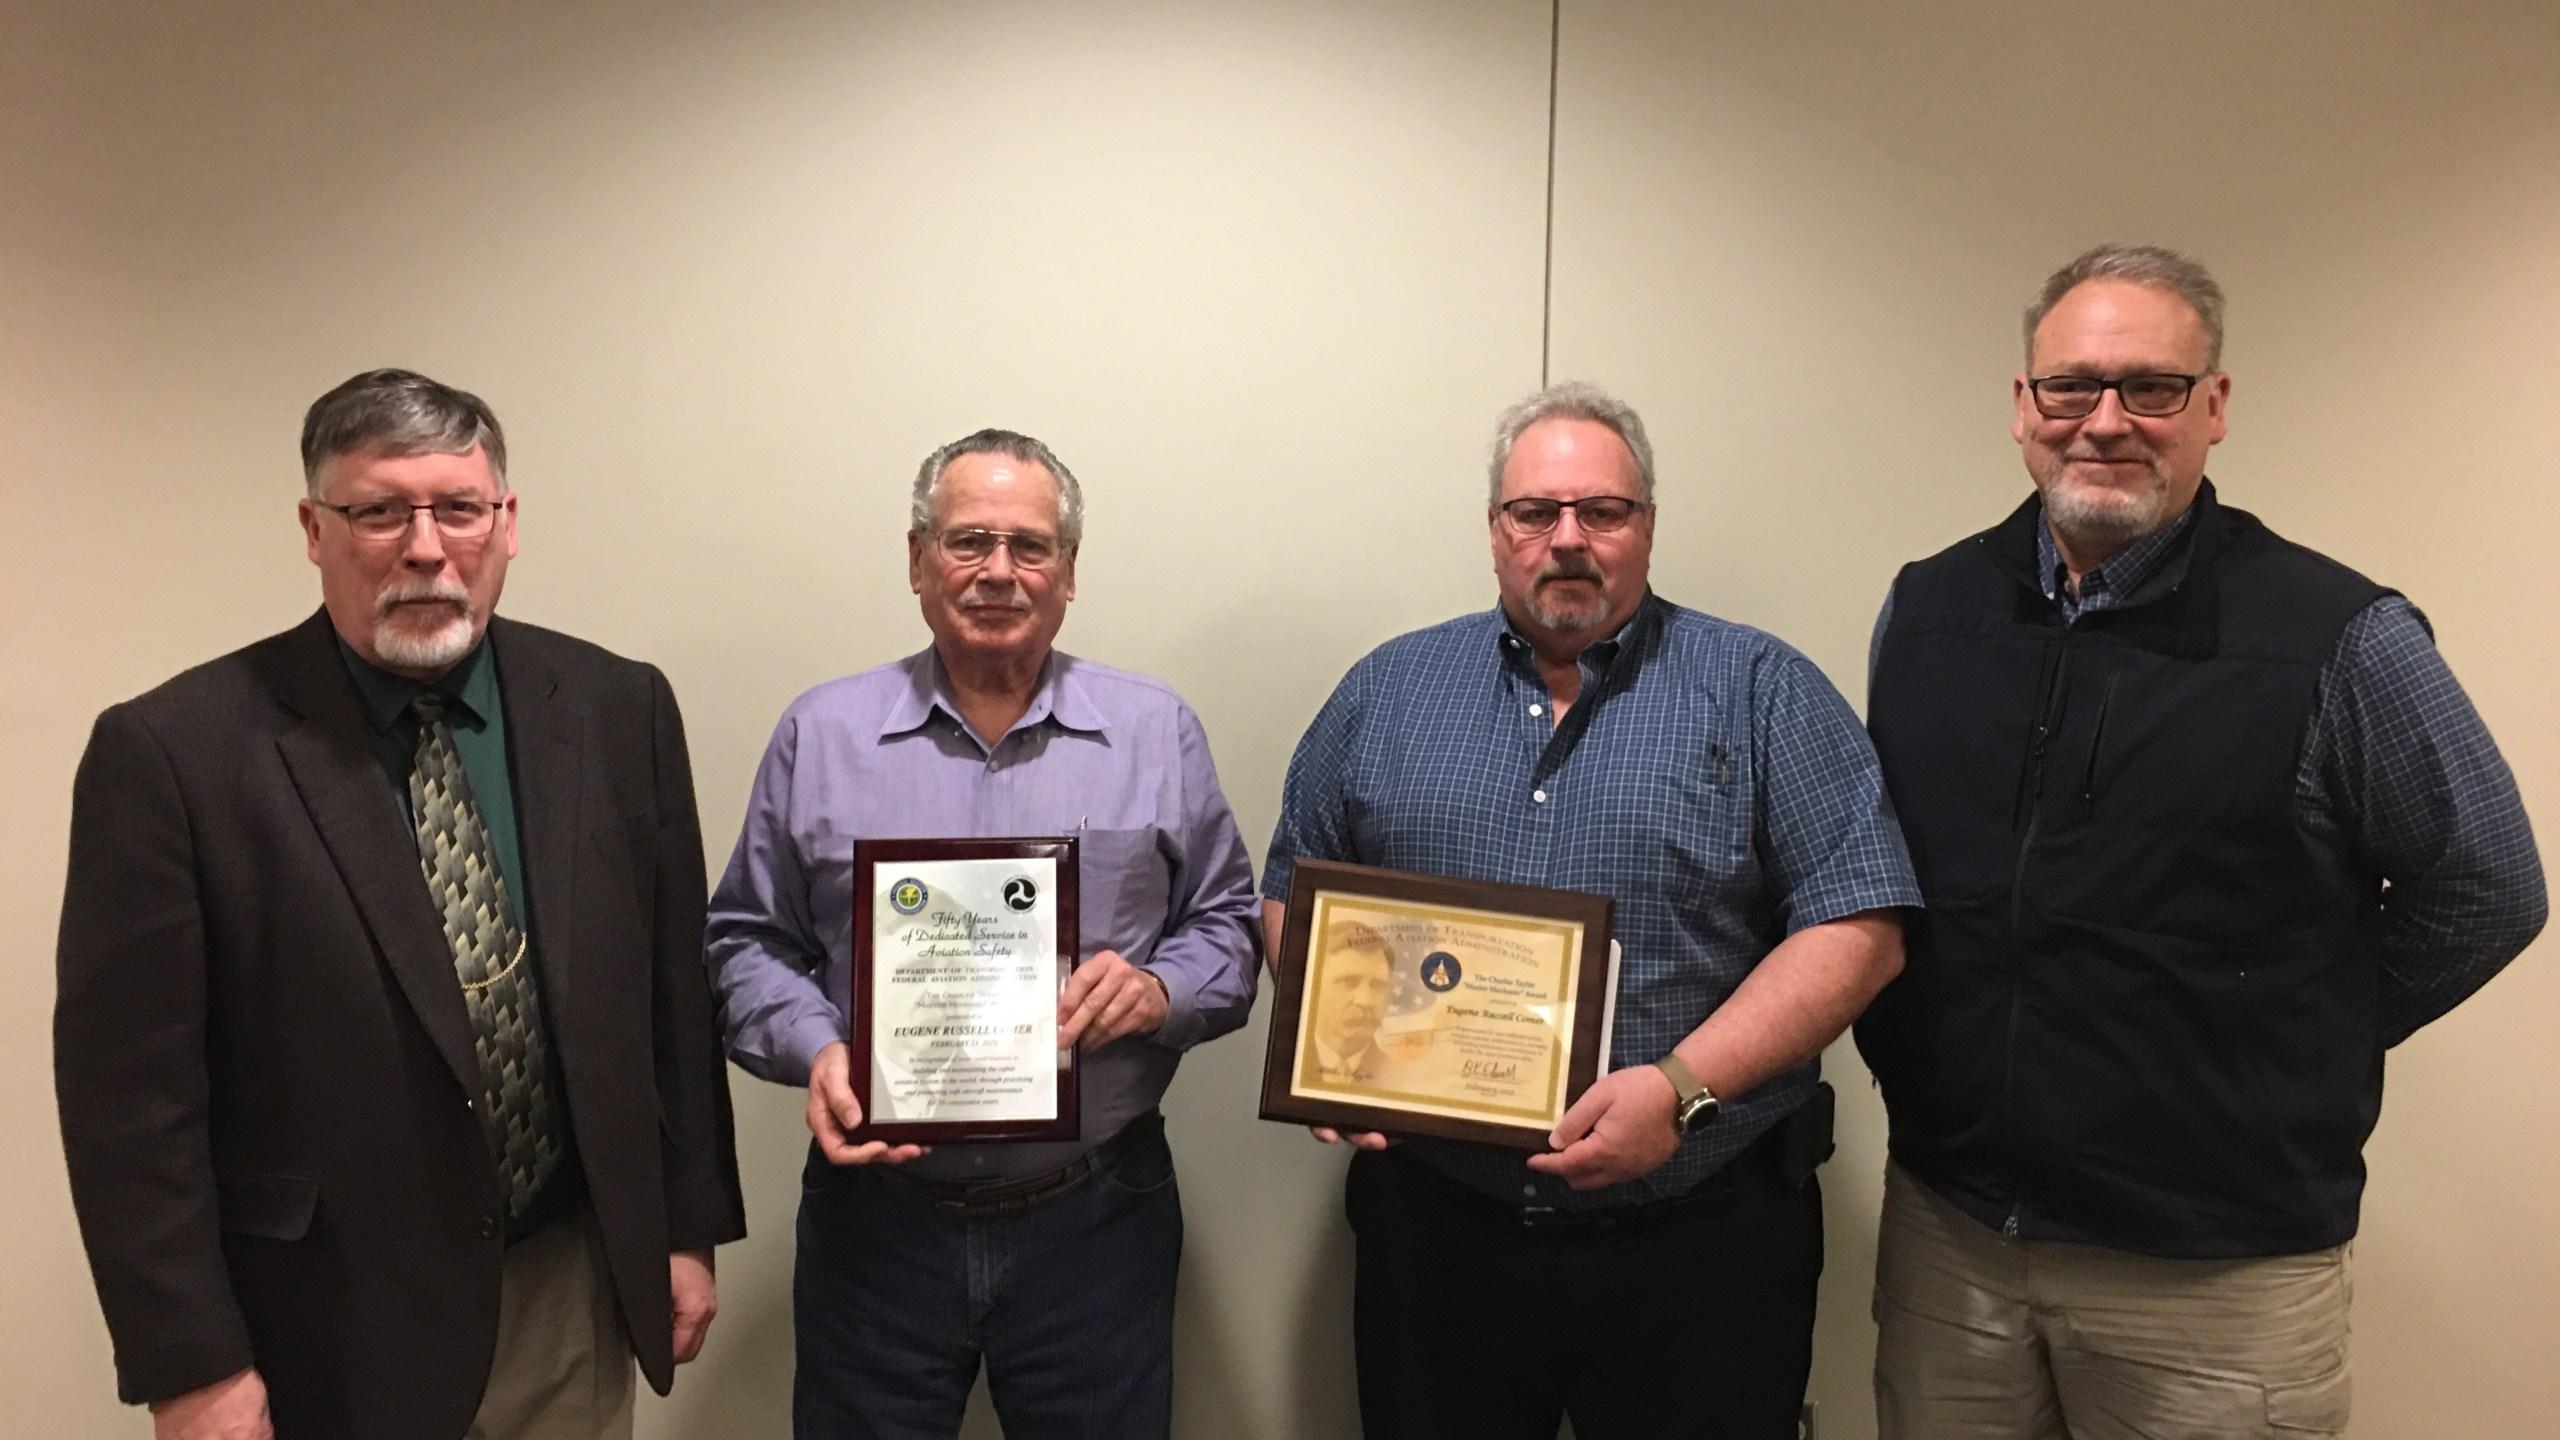 Comer FAA award_1553543889102.jpg.jpg